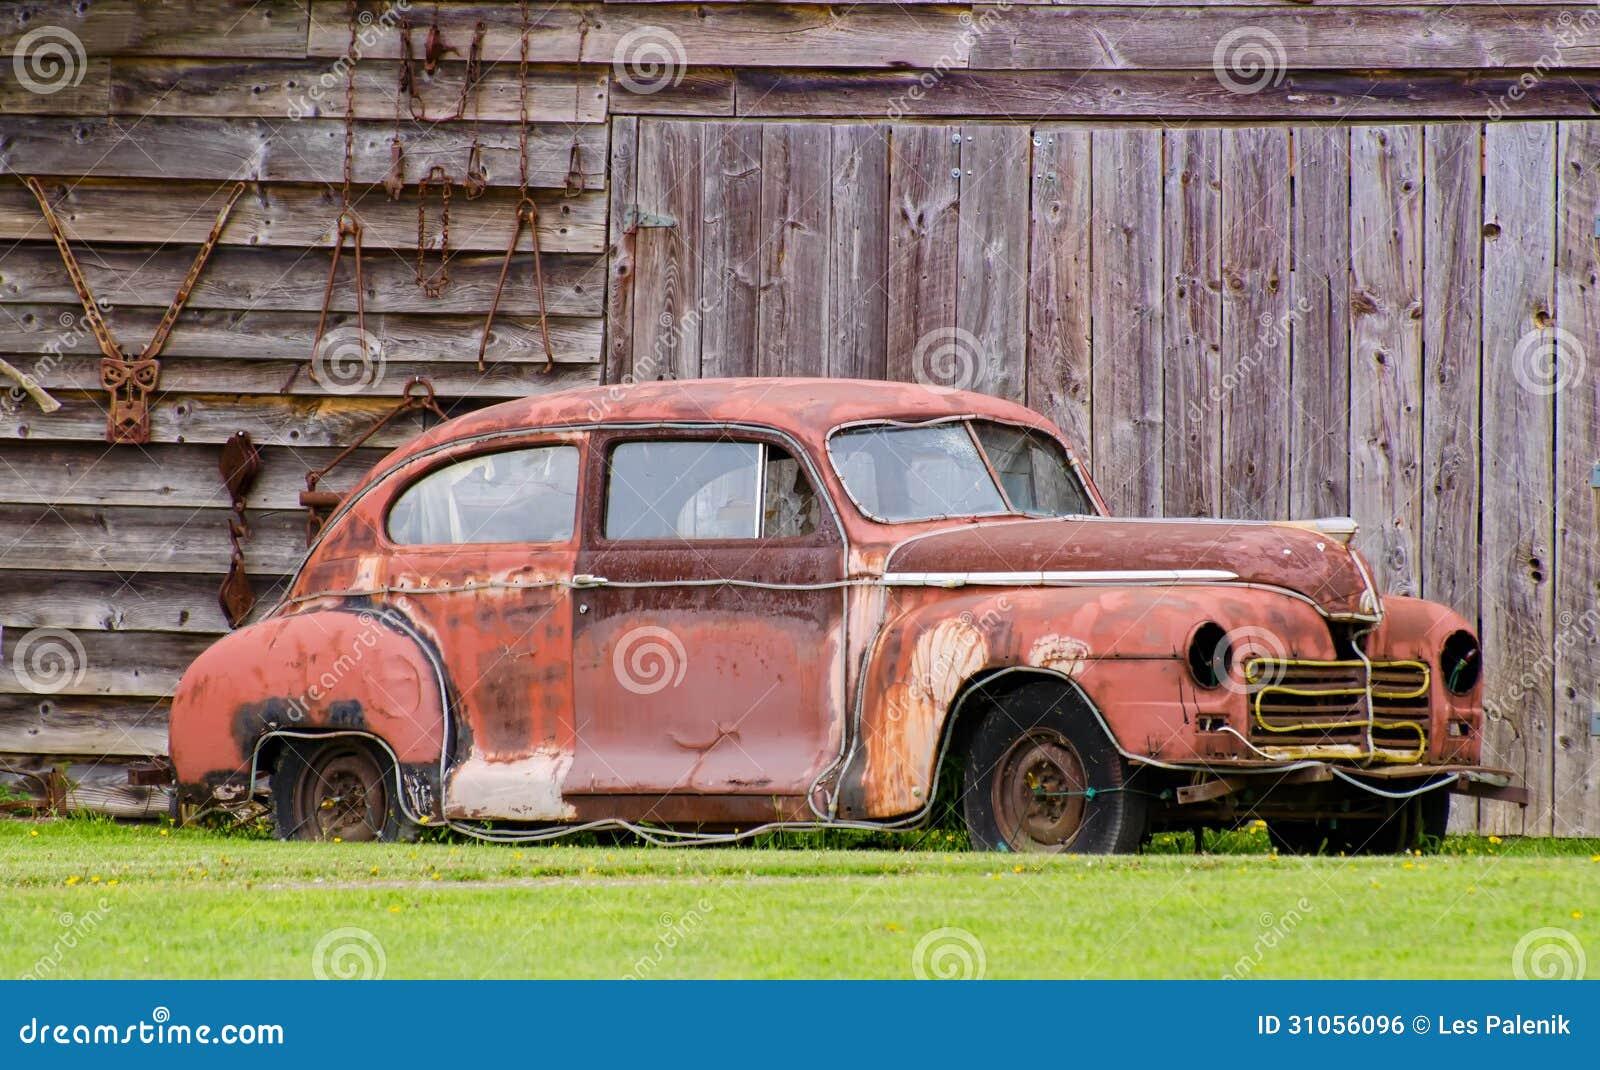 rostiges altes auto stockfoto bild von fahrzeug klassisch 31056096. Black Bedroom Furniture Sets. Home Design Ideas